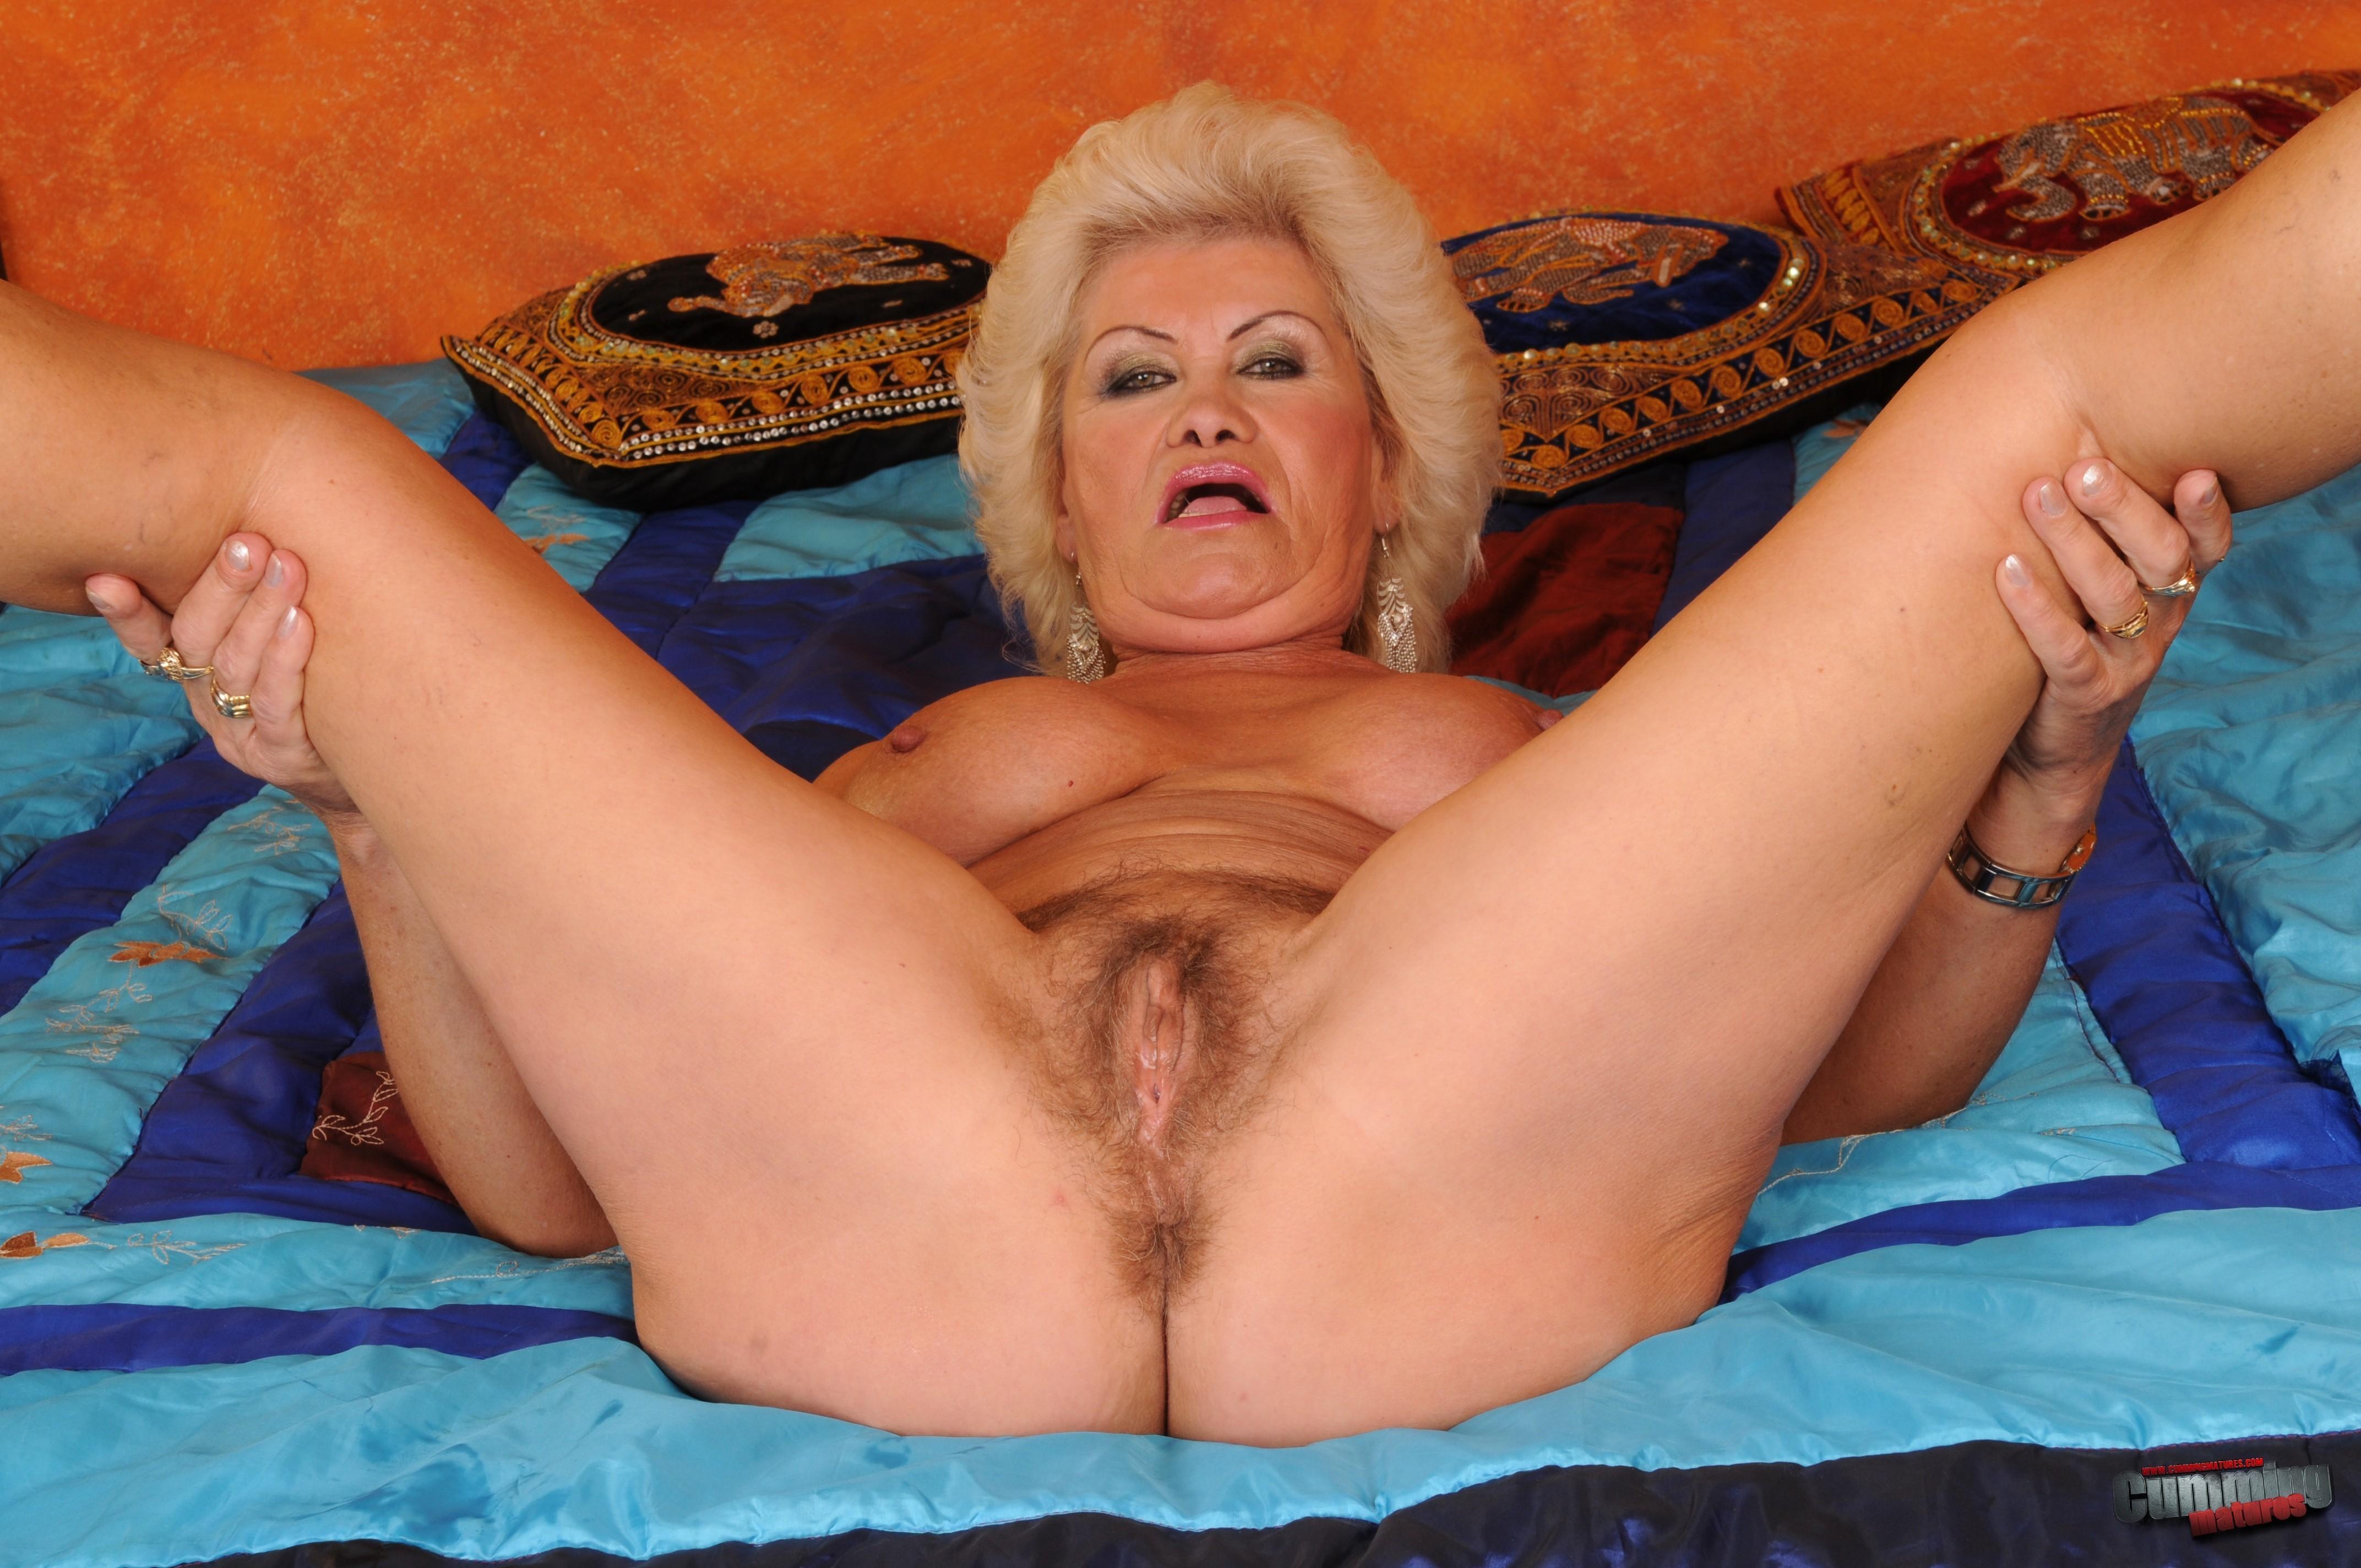 Пожилые женщины раздвигают ноги - подборка 003